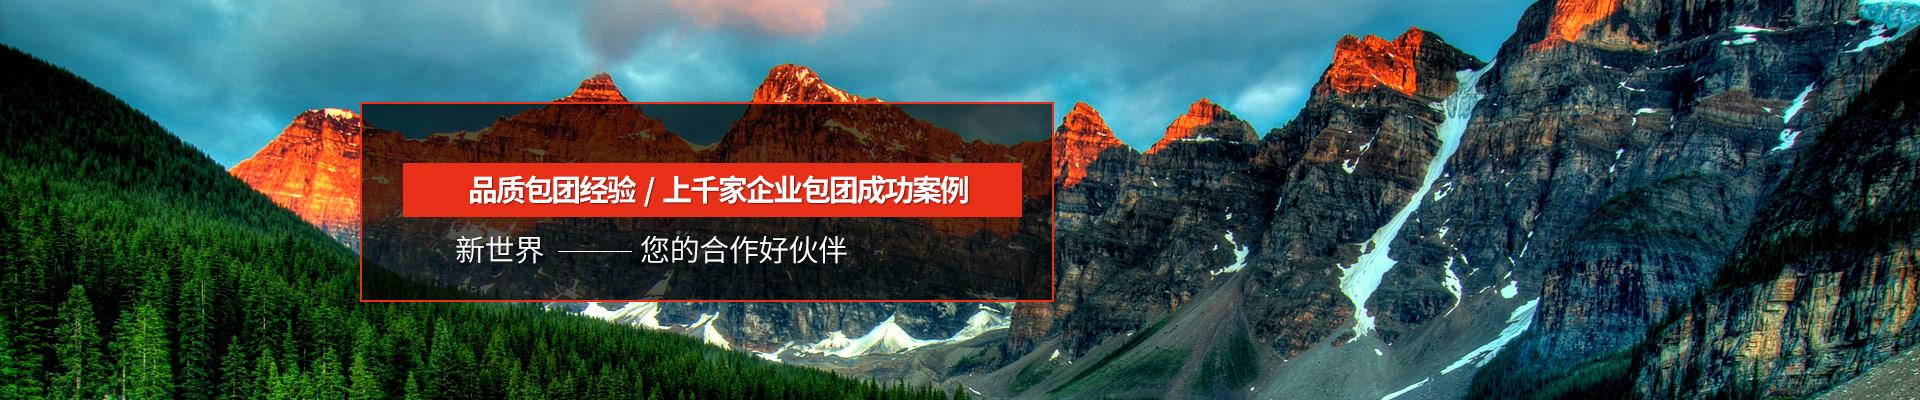 奖励旅游 10余年品质包团经验 上千家企业包团成功案例